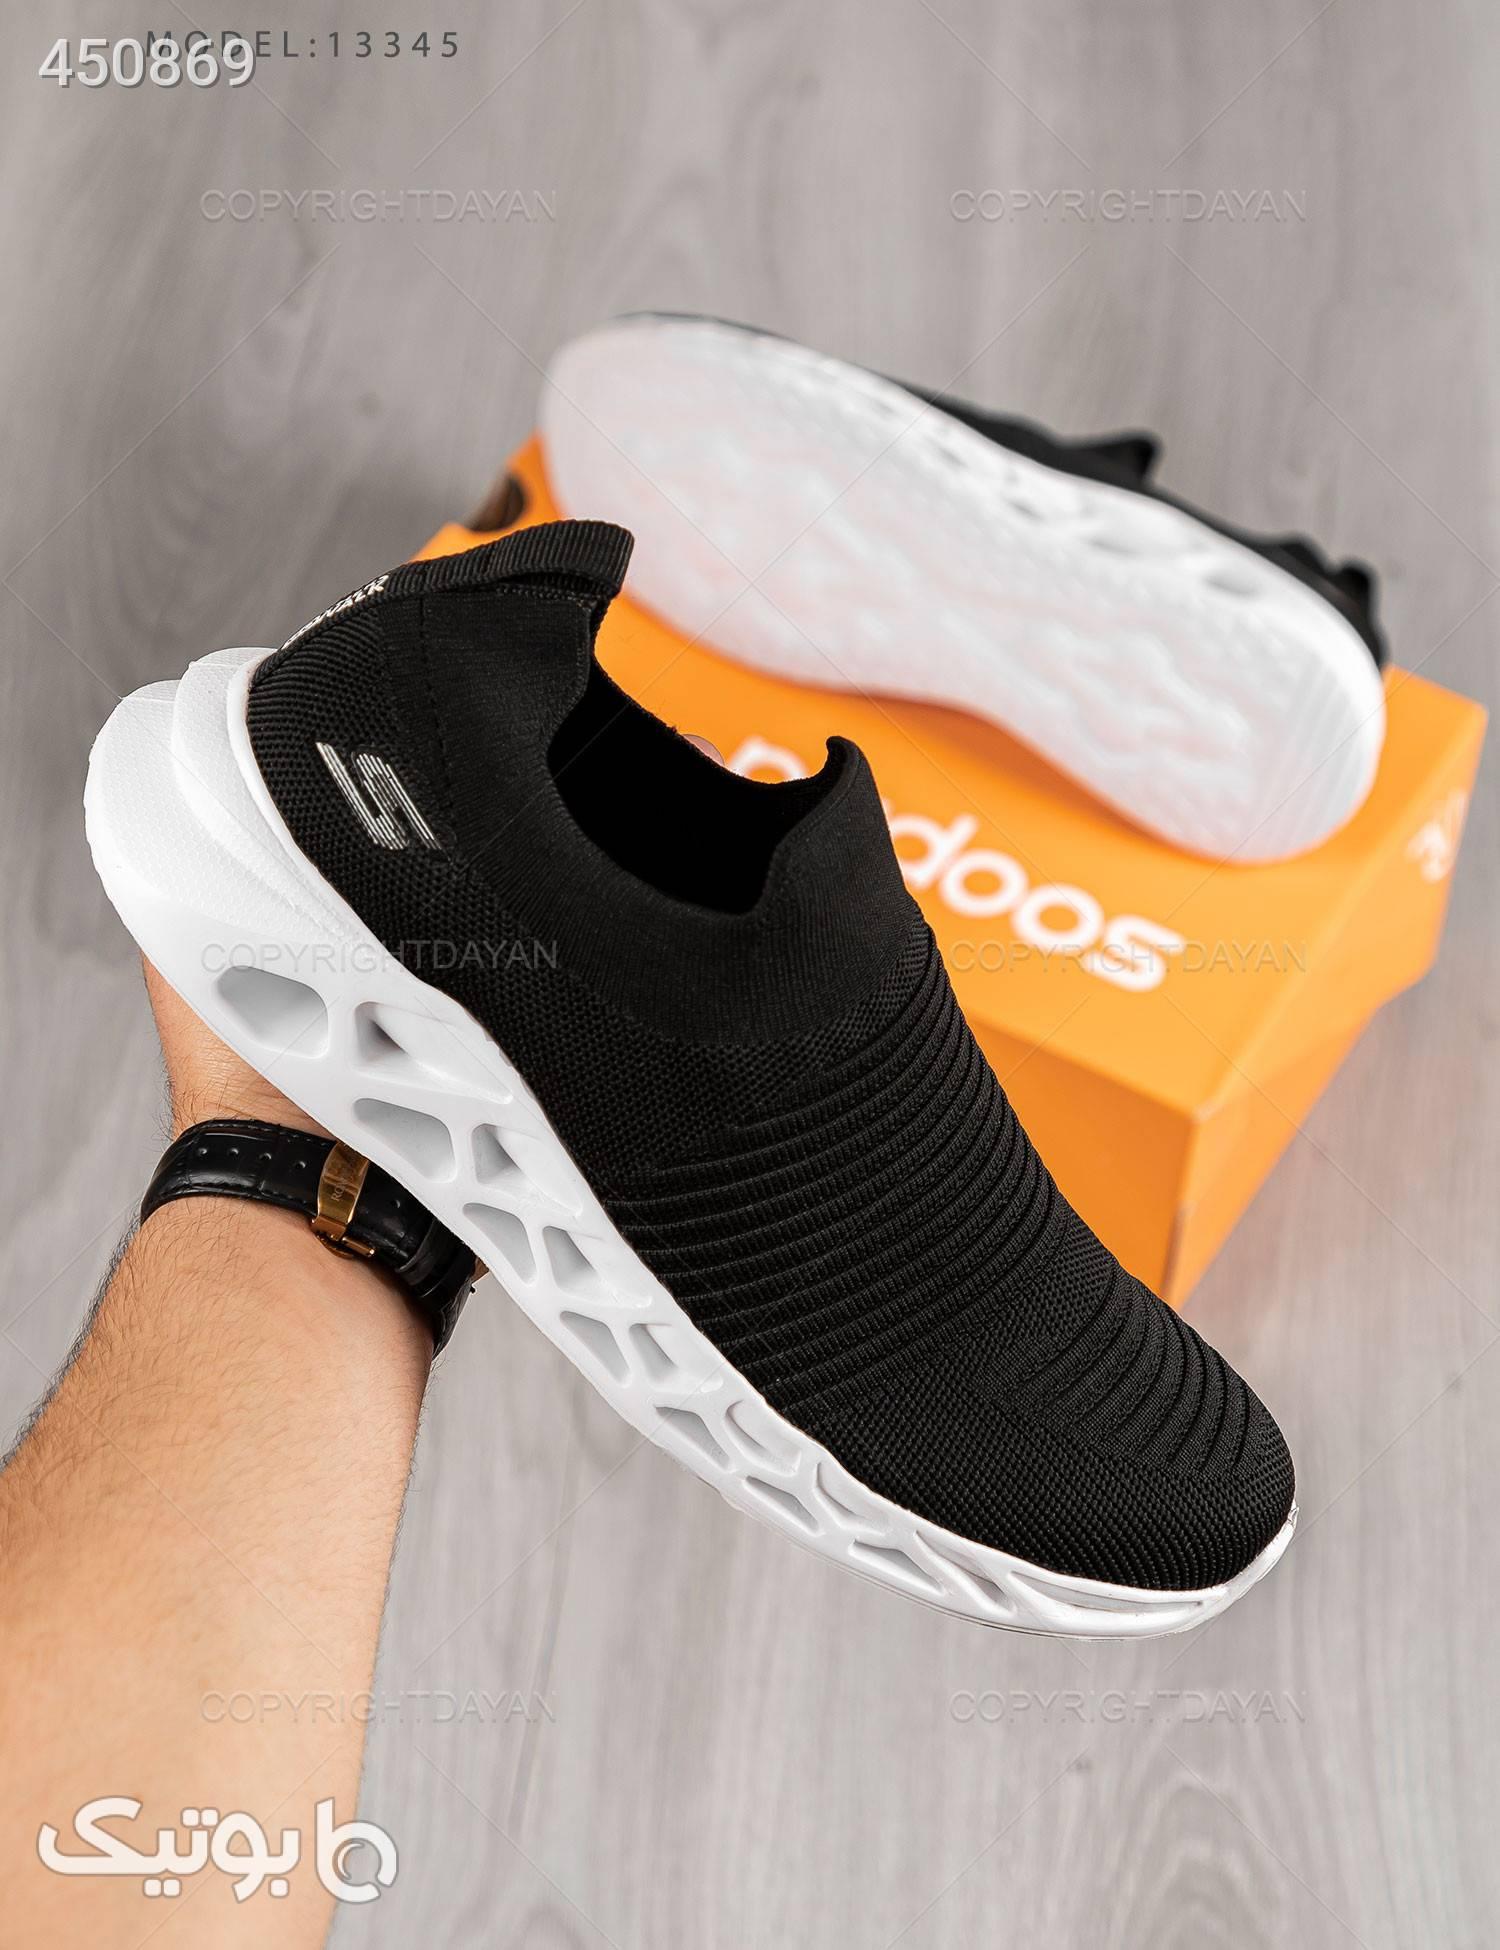 کفش مردانه Skechers مدل 13345 مشکی كتانی مردانه